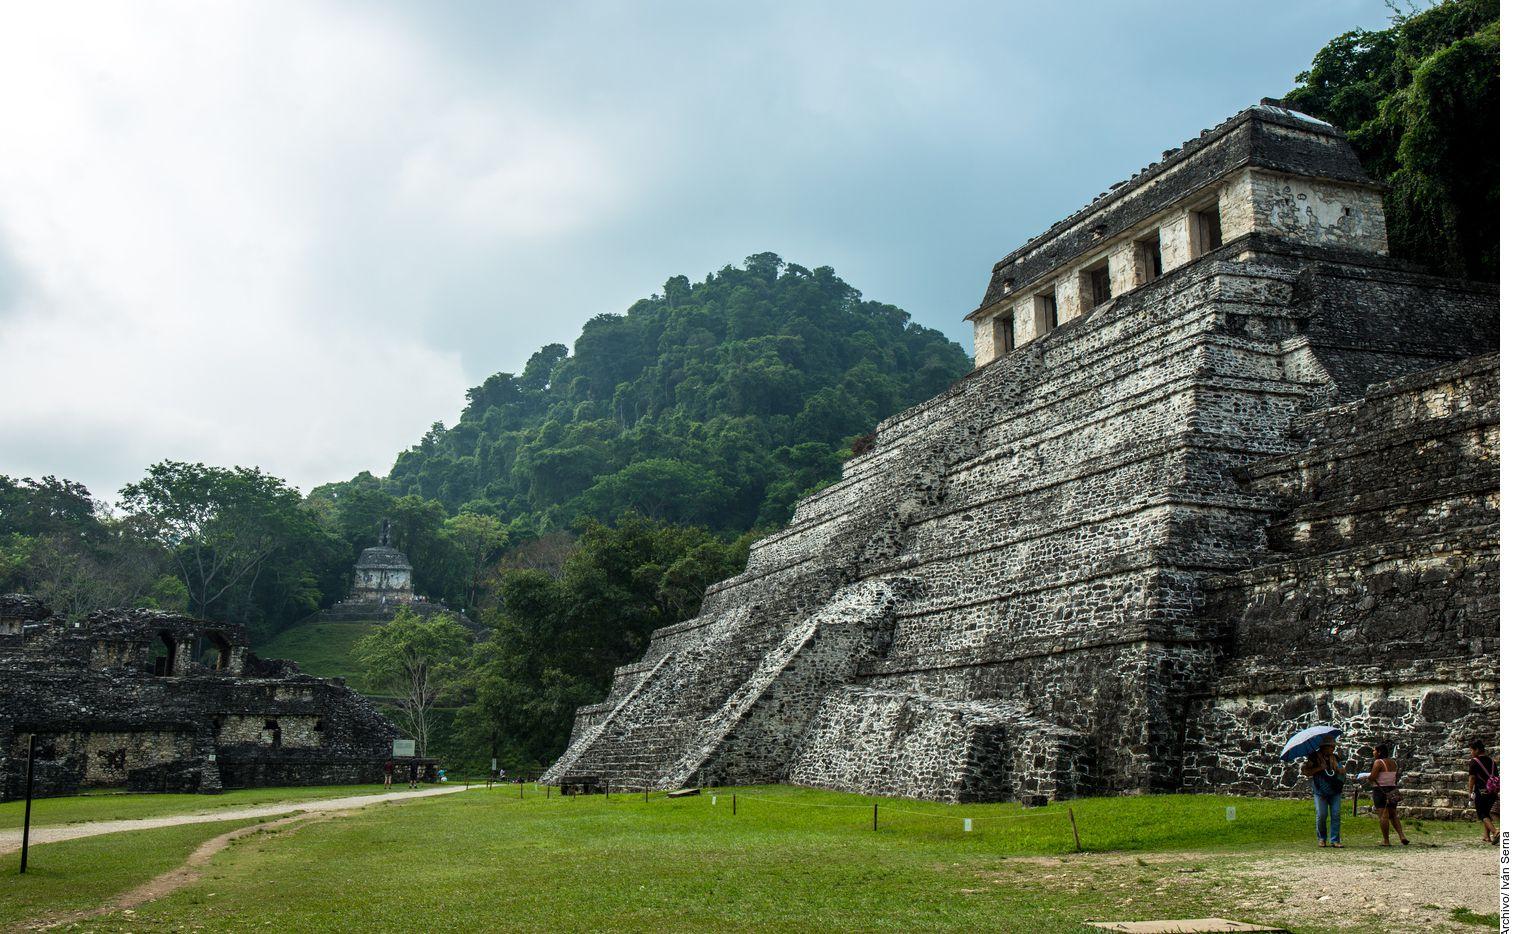 México cuenta con 35 sitios nombrados Patrimonio de la Humanidad, entre ellos Palenque, Chiapas (foto) y Papantla, Veracruz.